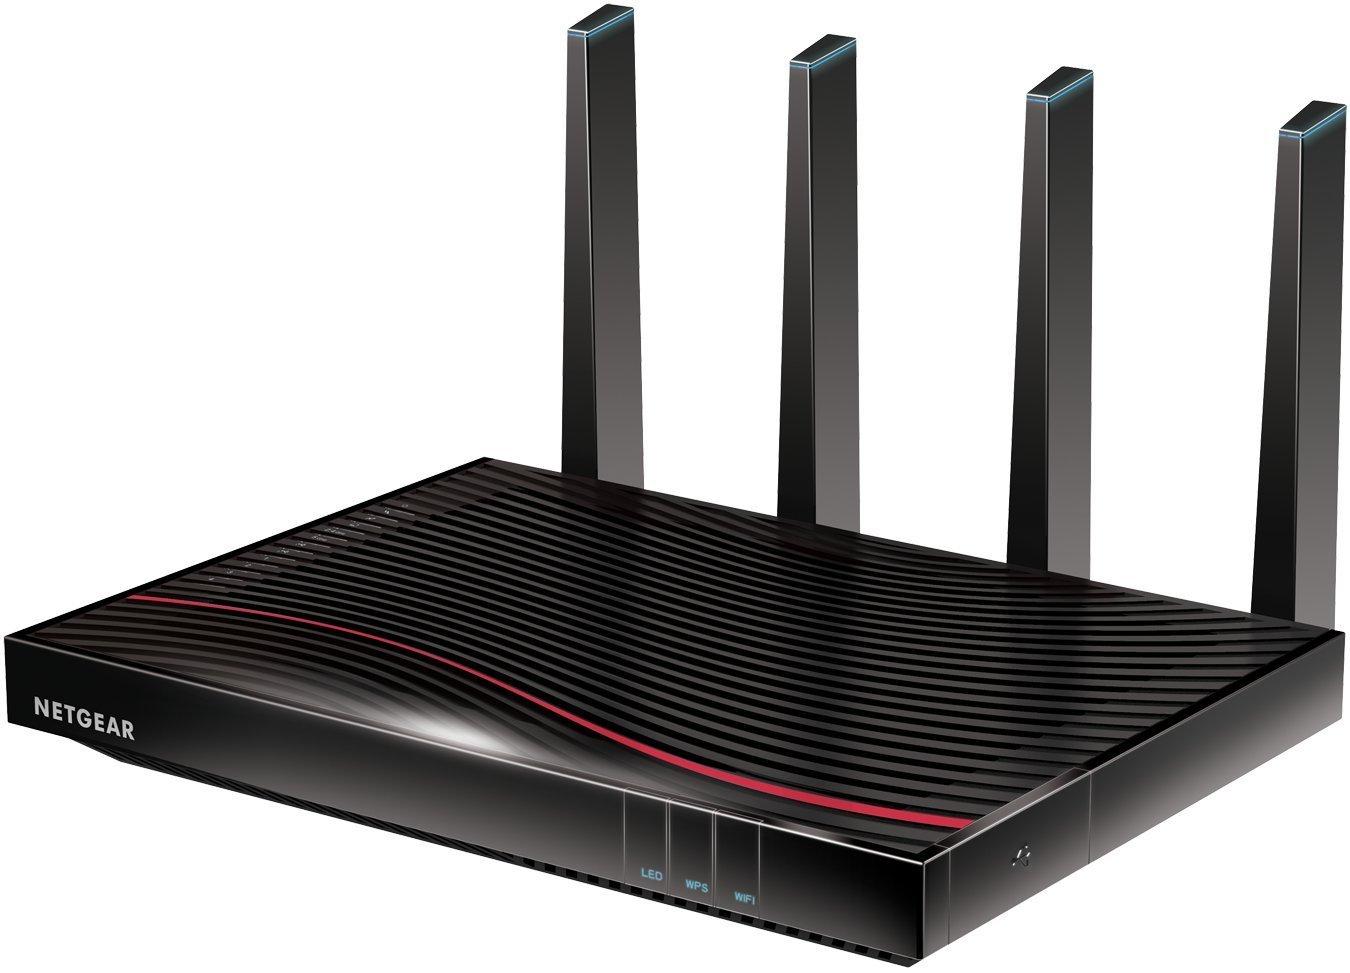 NETGEAR Nighthawk X4S Ultra High Speed Cable Modem Router